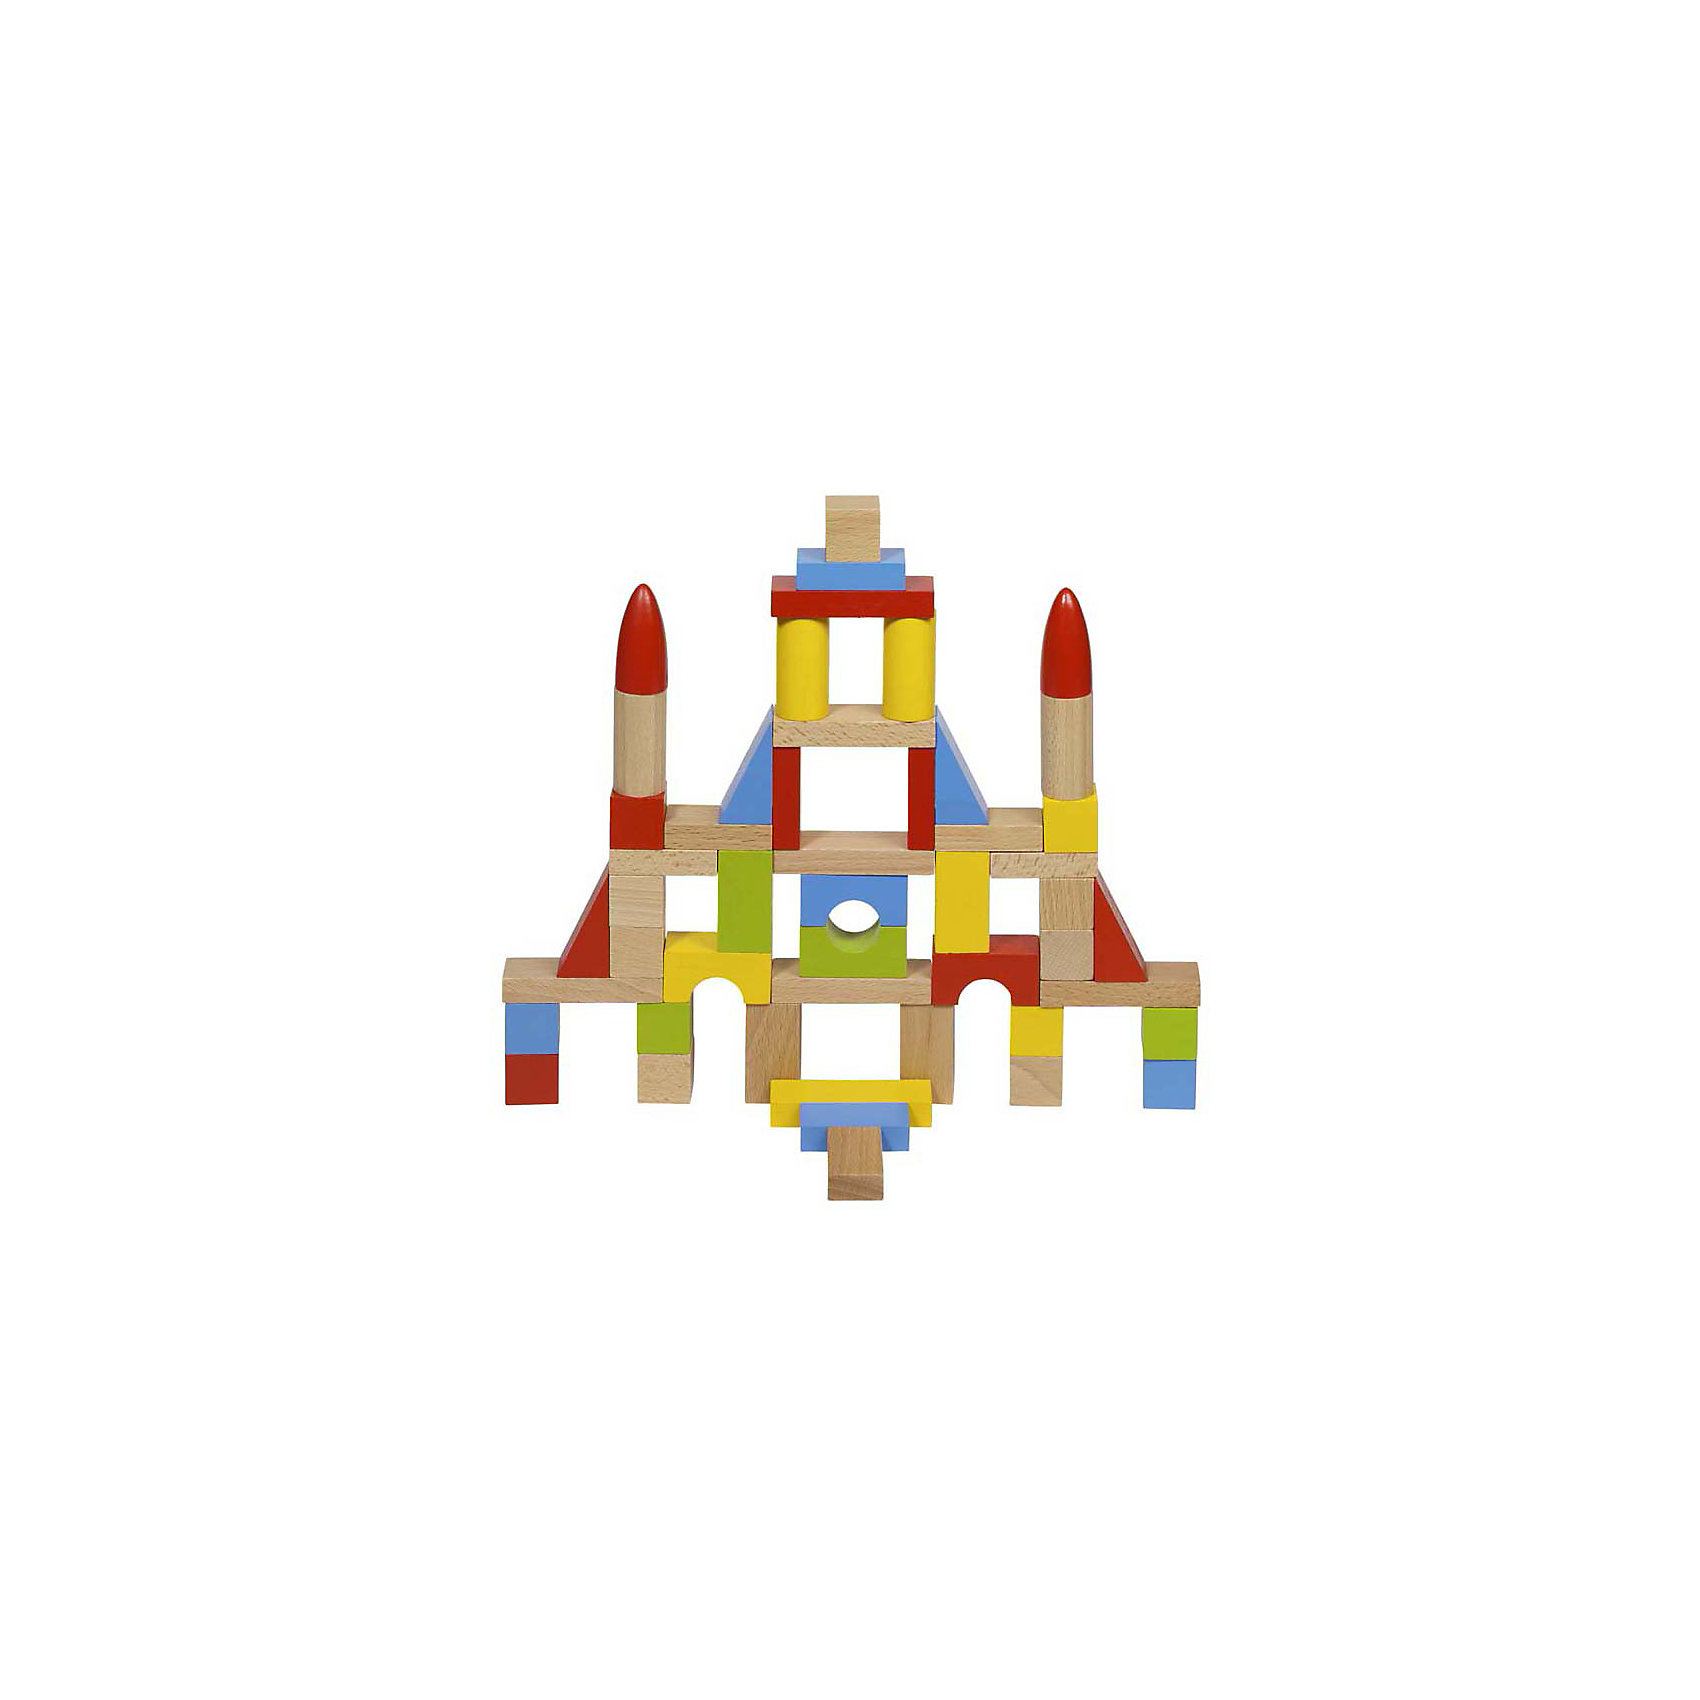 Строительные кубики, цветные, в мешке, 50 дет, gokiДеревянные конструкторы<br>Характеристика:<br><br>- Возраст: от 2 лет.<br>- 50 шт.<br>- Материал: дерево.<br>- Размер в упаковке: 33.7х14.7х7.6 см.<br>- Вес в упаковке: 684 г.<br><br>Такой огромный набор цветных кубиков обязательно понравится Вашему ребенку! Теперь ребенок сможет строить различные дома и замки.<br><br>Строительные кубики, цветные, в мешке, 50 дет, Goki, можно купить в нашем магазине.<br><br>Ширина мм: 337<br>Глубина мм: 147<br>Высота мм: 76<br>Вес г: 684<br>Возраст от месяцев: 24<br>Возраст до месяцев: 48<br>Пол: Унисекс<br>Возраст: Детский<br>SKU: 2488928